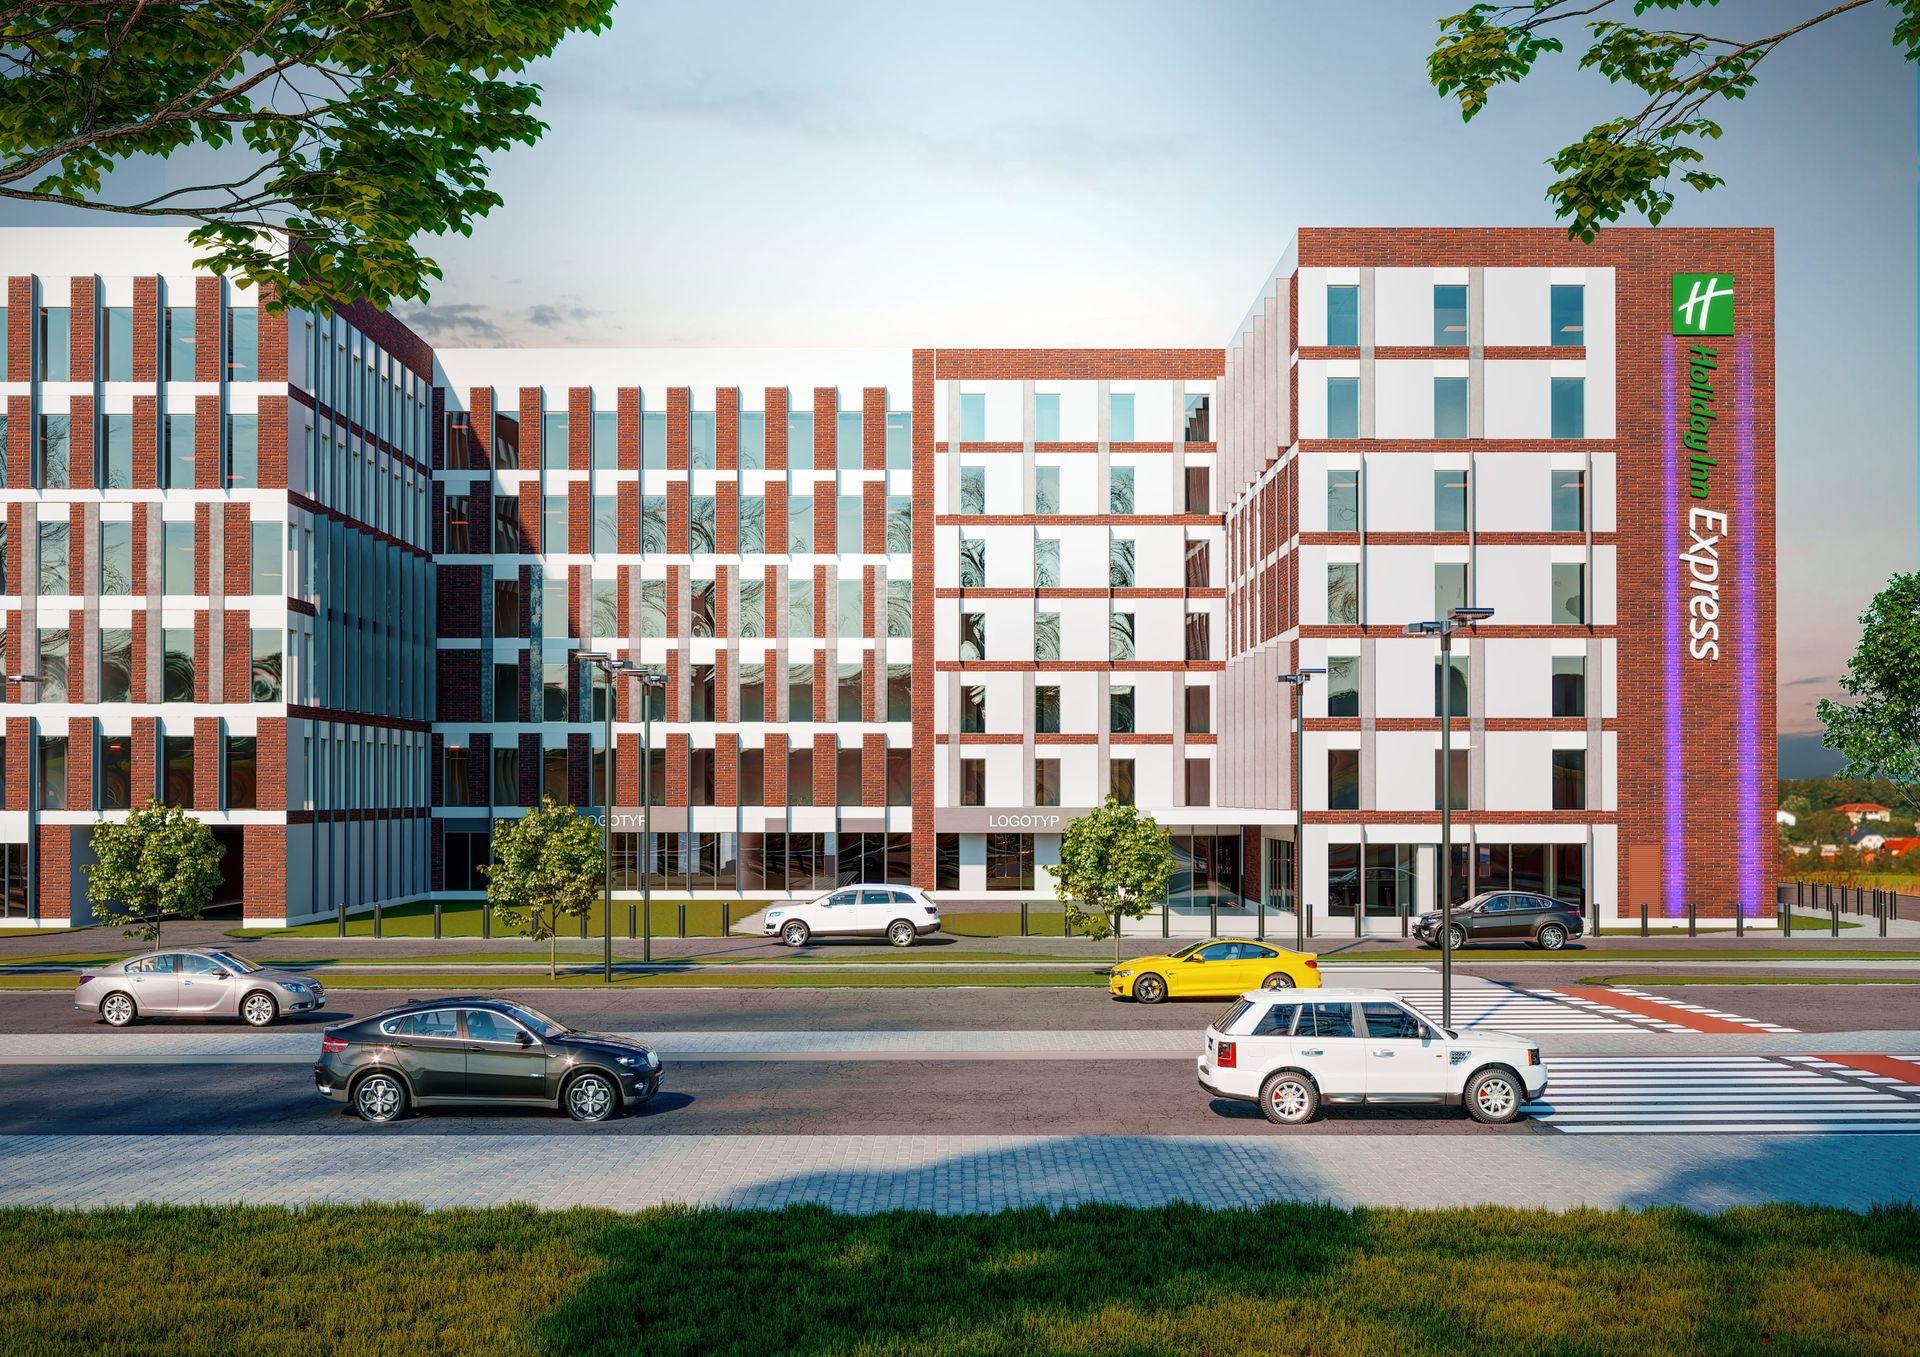 Holiday Inn Express Wrocław – Krakowskie Tarasy wzbogacają się o trzygwiazdkowy hotel